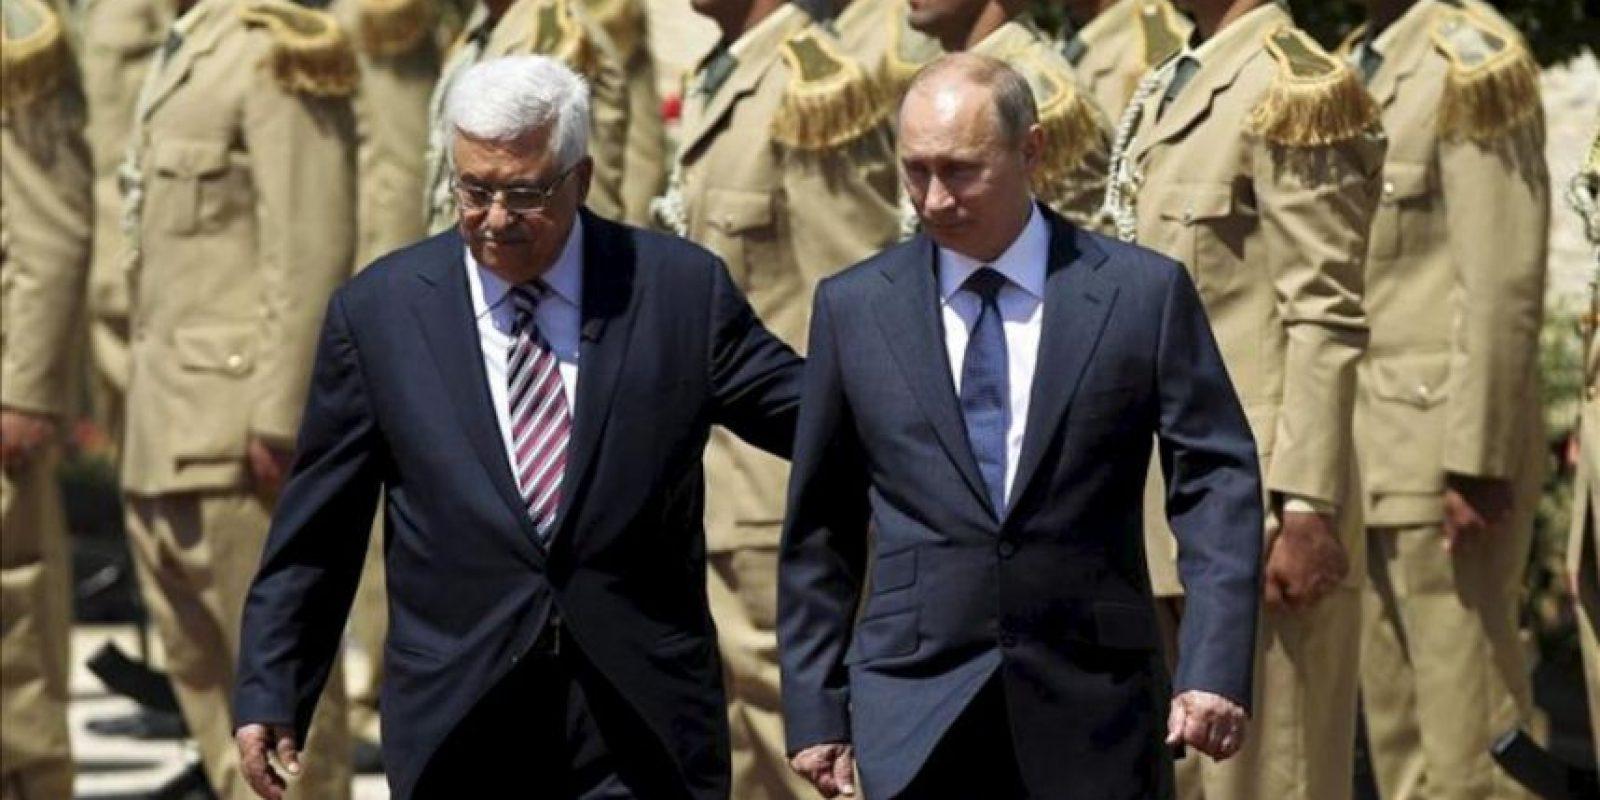 El presidente ruso, Vladimir Putin (d) es recibido por su colega palestino, Mahmud Abás (i), durante su llegada a una entrevista en Belén, Cisjordania, como parte de la minigira que realiza por Oriente Medio, hoy, martes 26 de junio. EFE